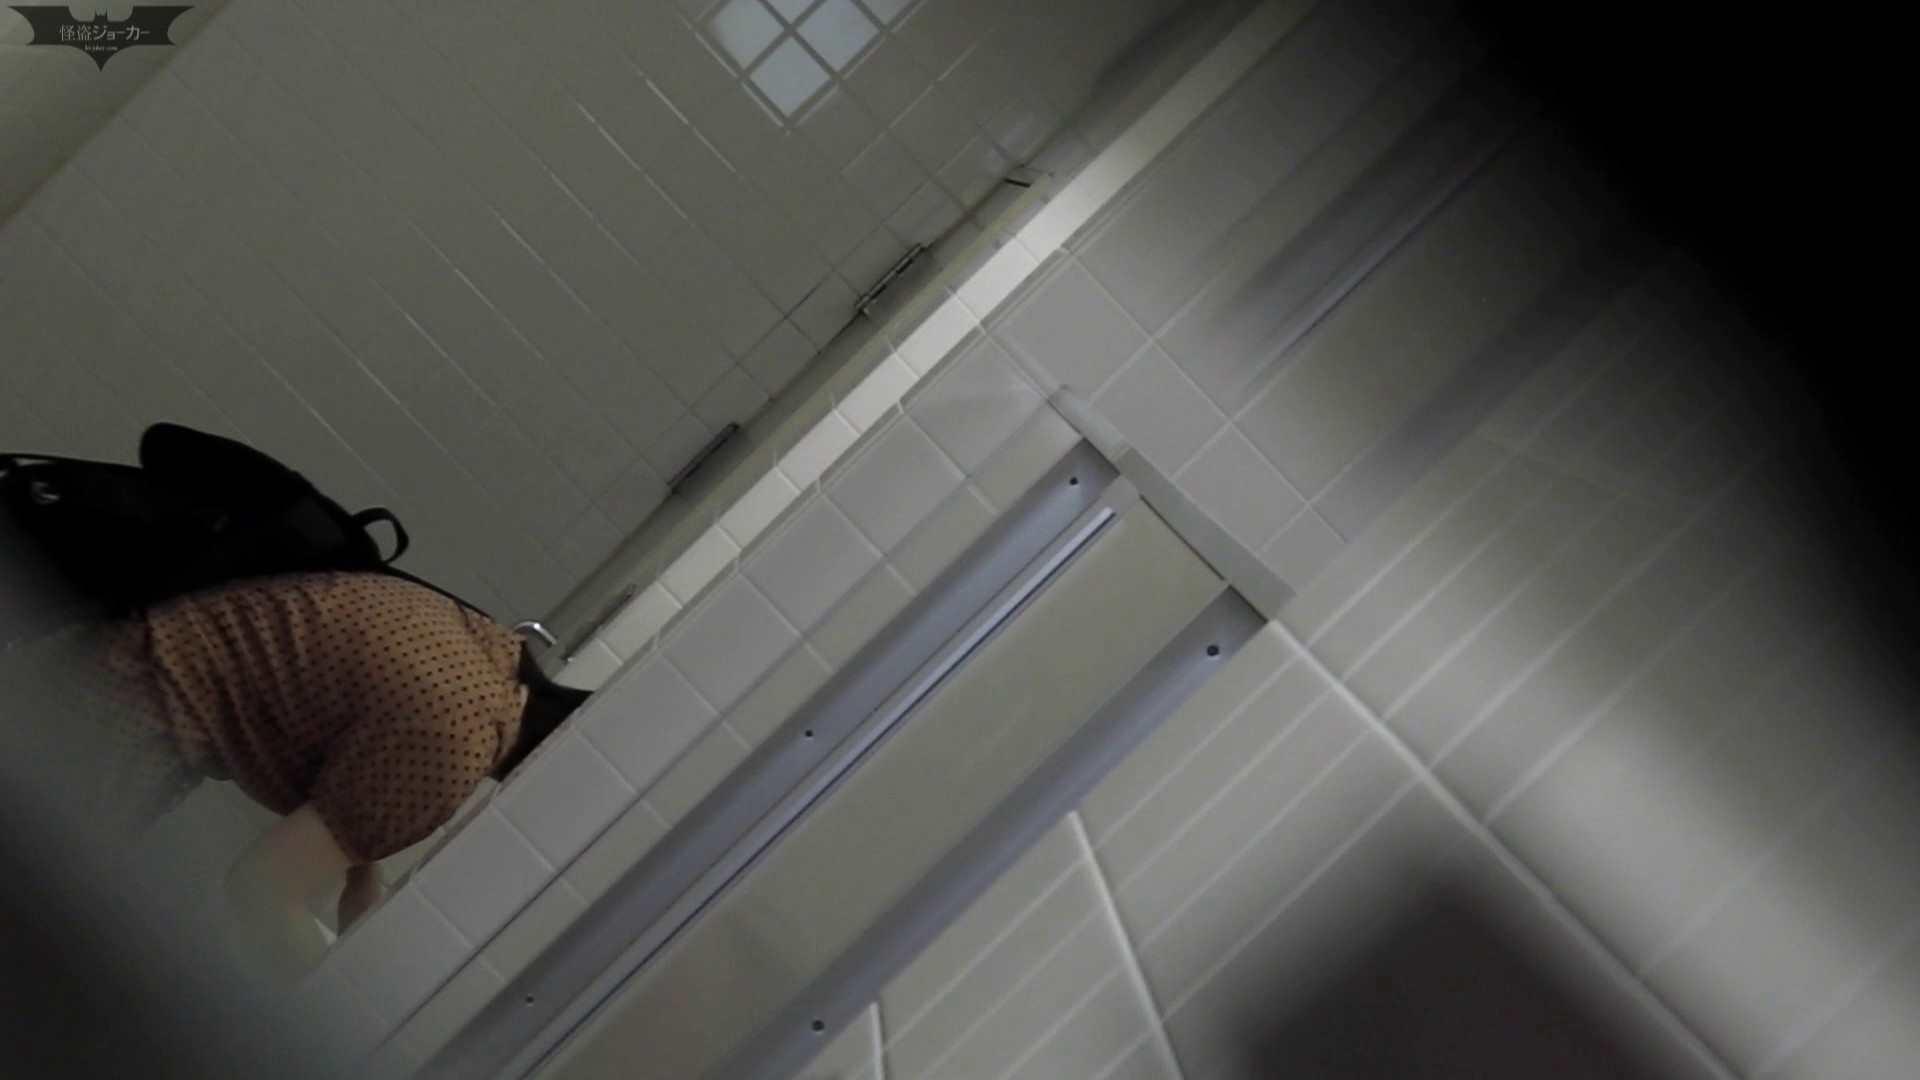 お銀 vol.68 無謀に通路に飛び出て一番明るいフロント撮り実現、見所満載 洗面所 | OL女体  94連発 37